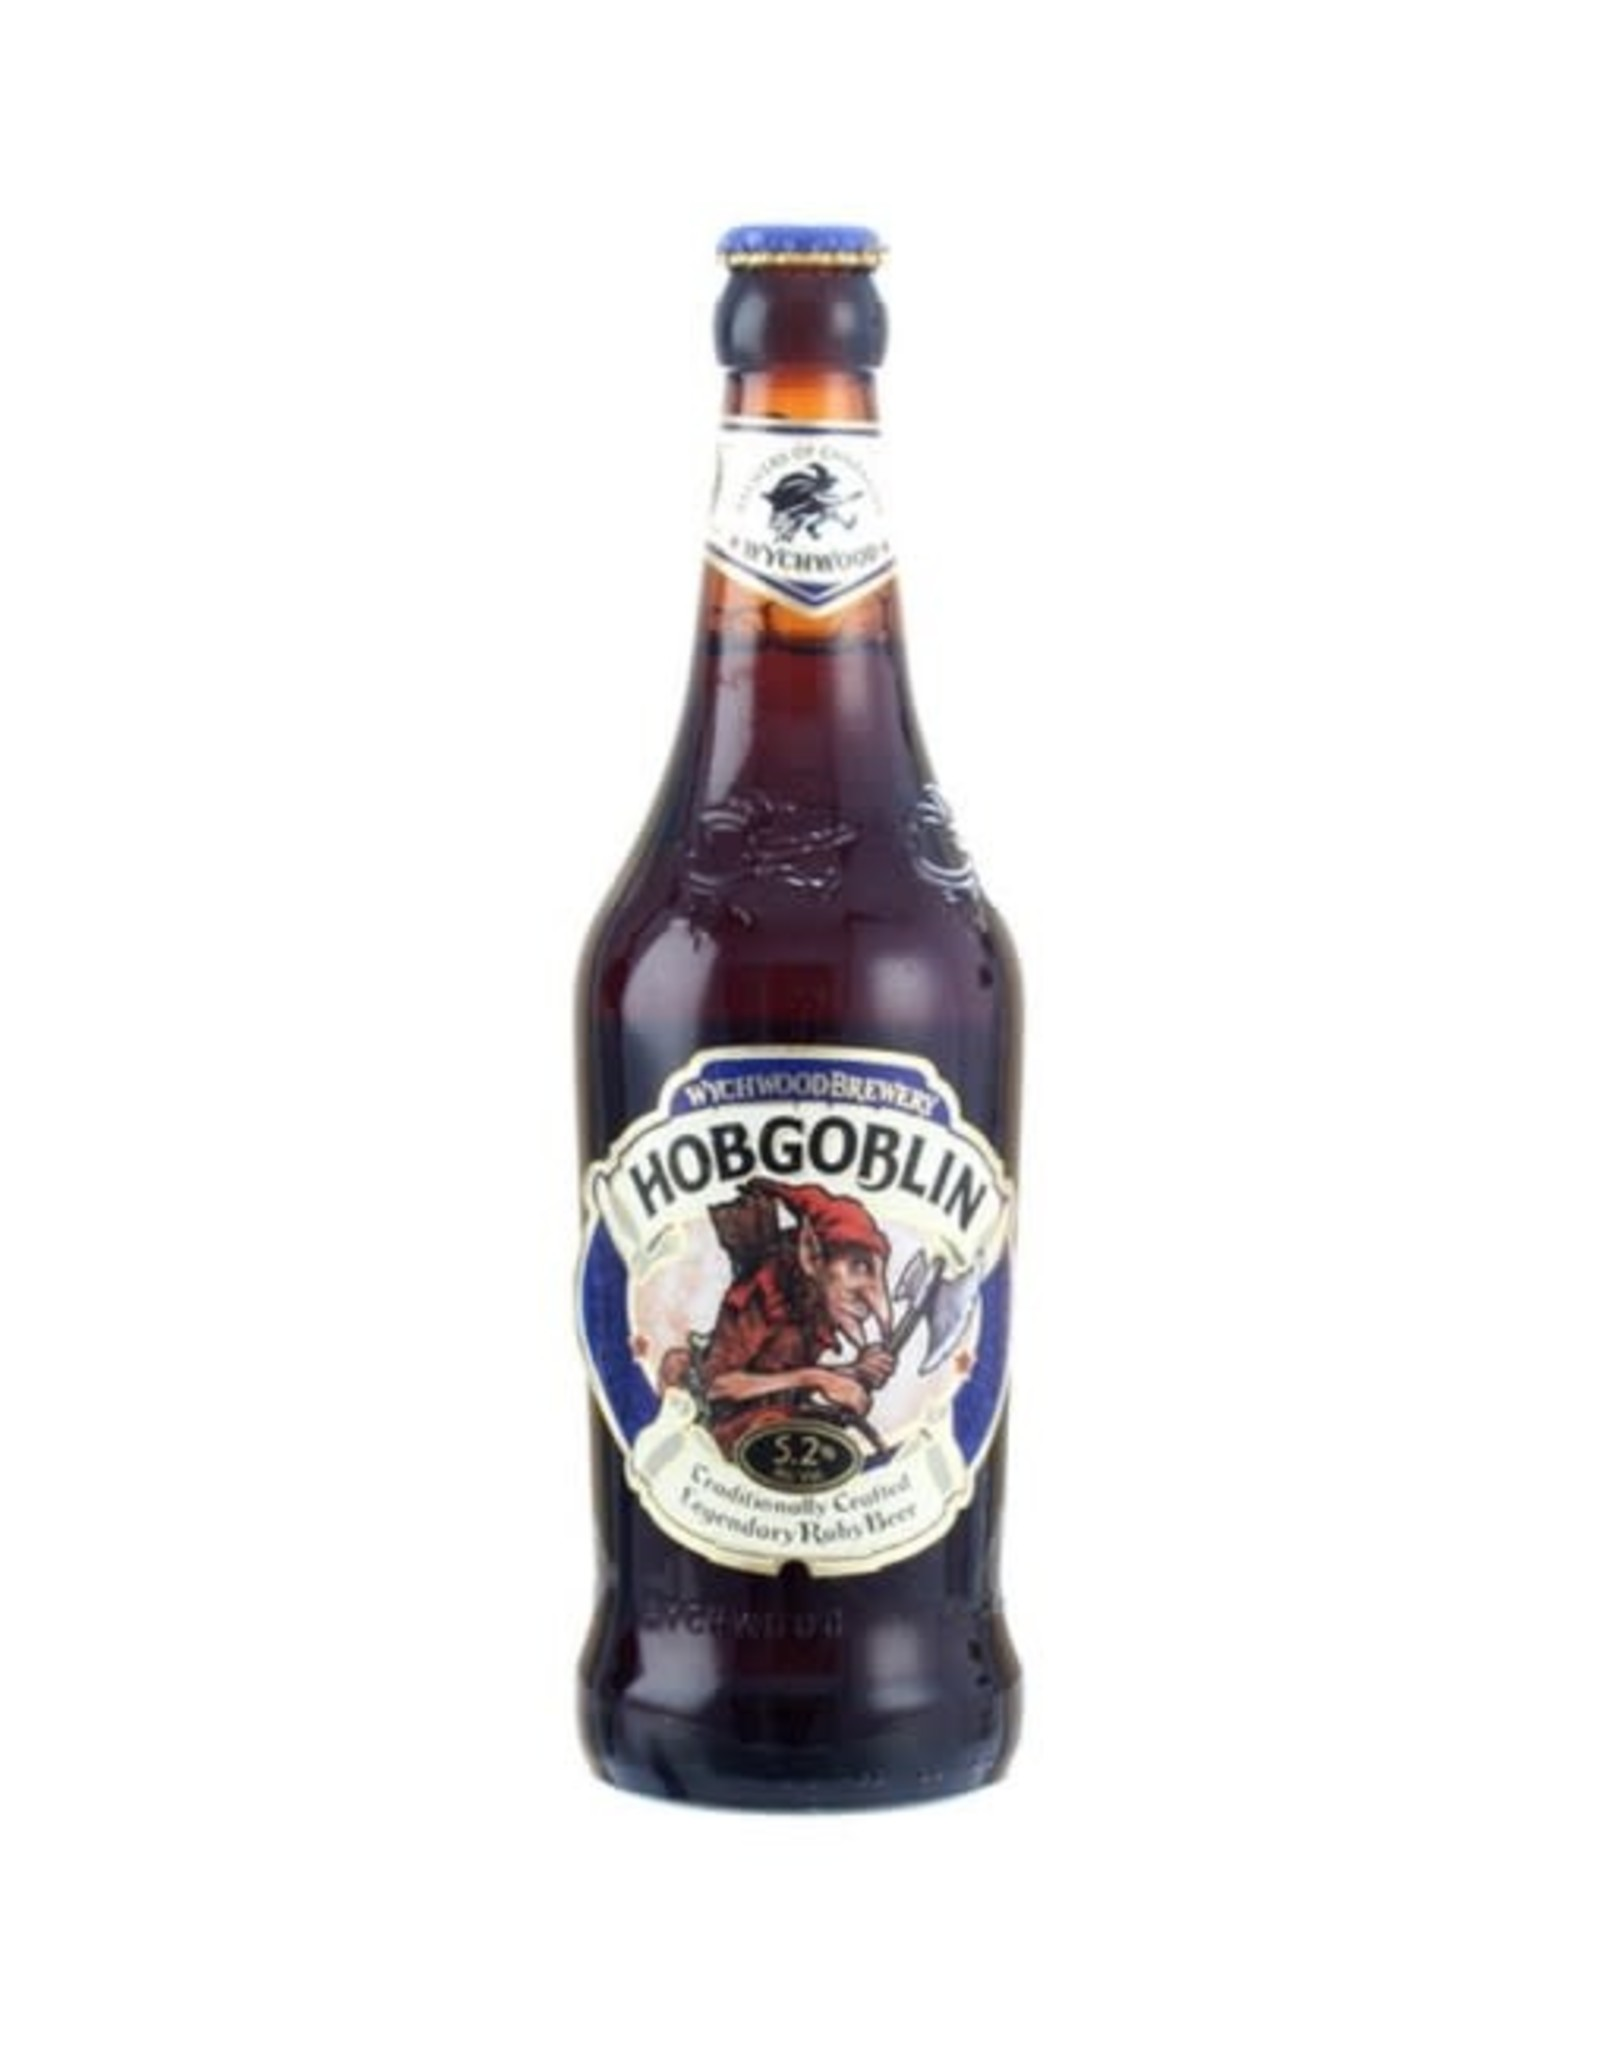 Wychwood Brewery Hobgoblin 50 cl